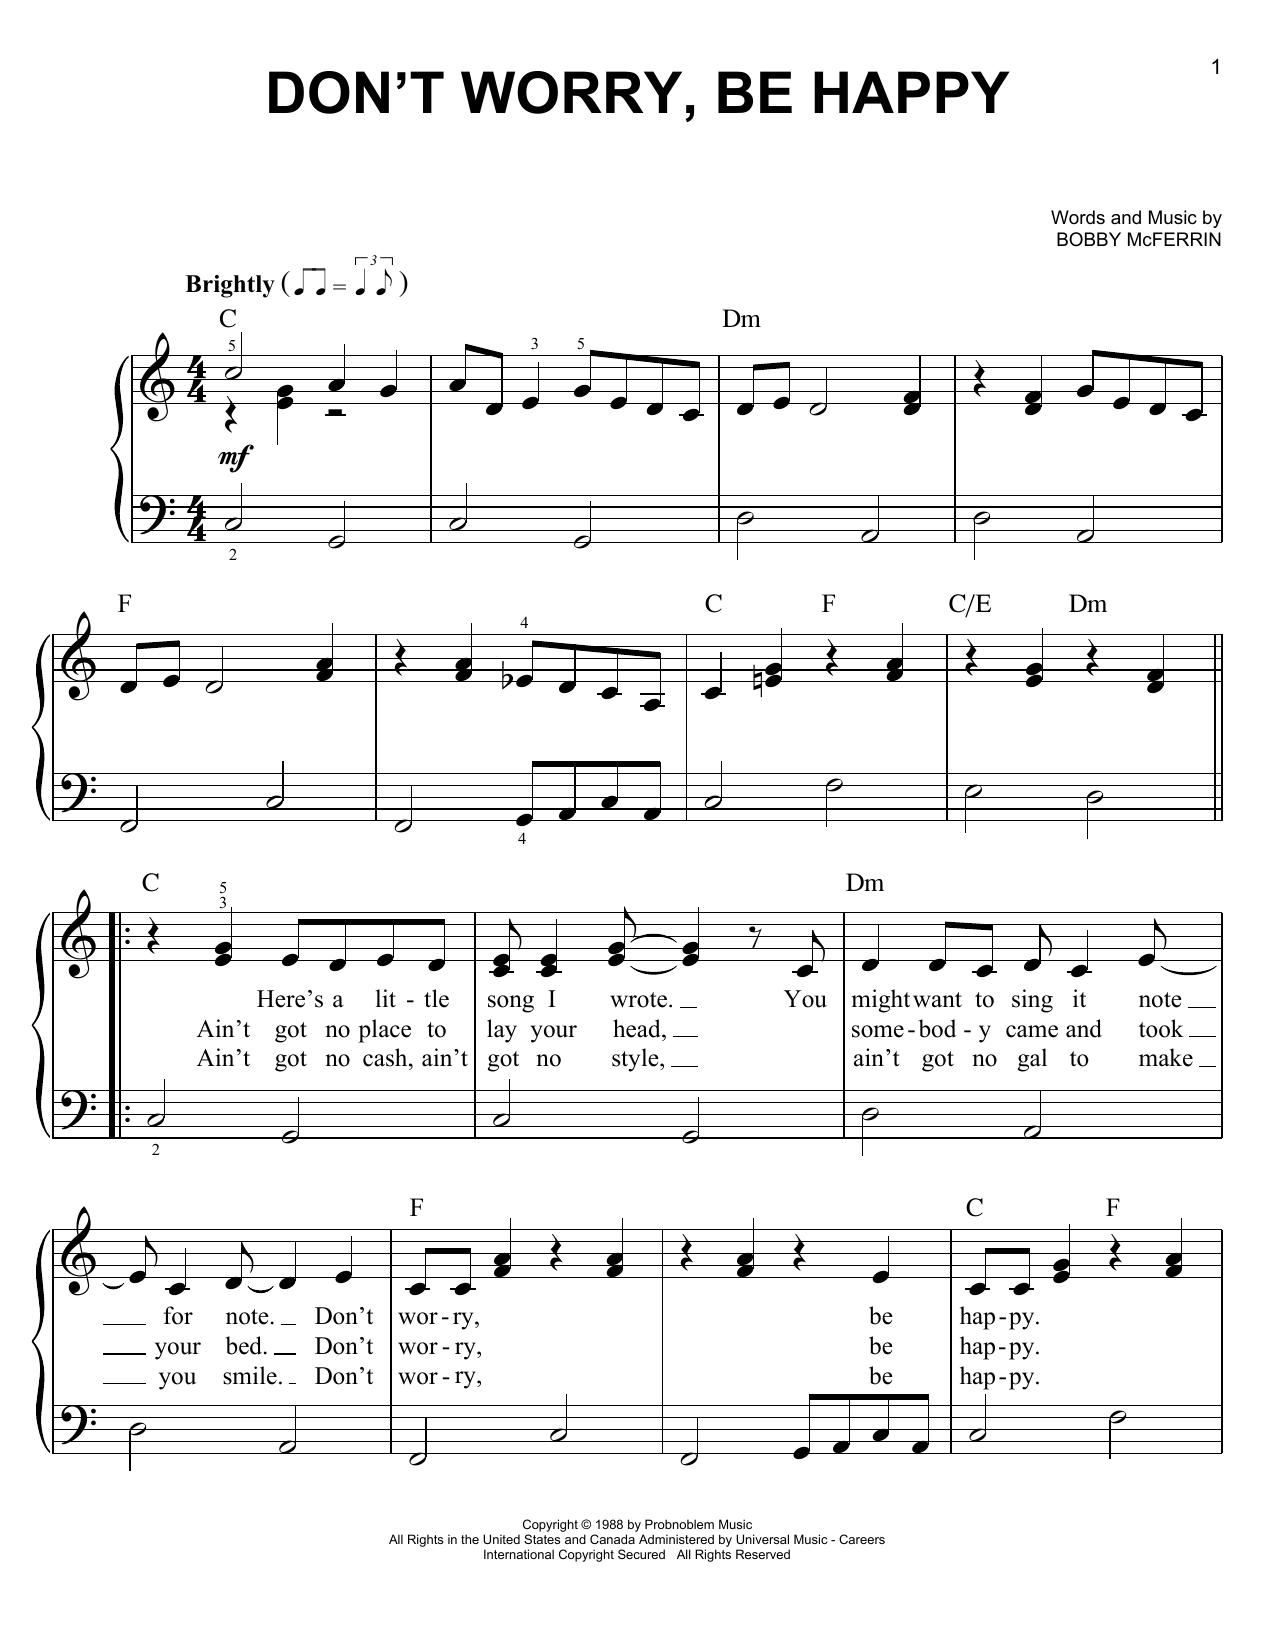 Happy Birthday Chords Guitar Tab